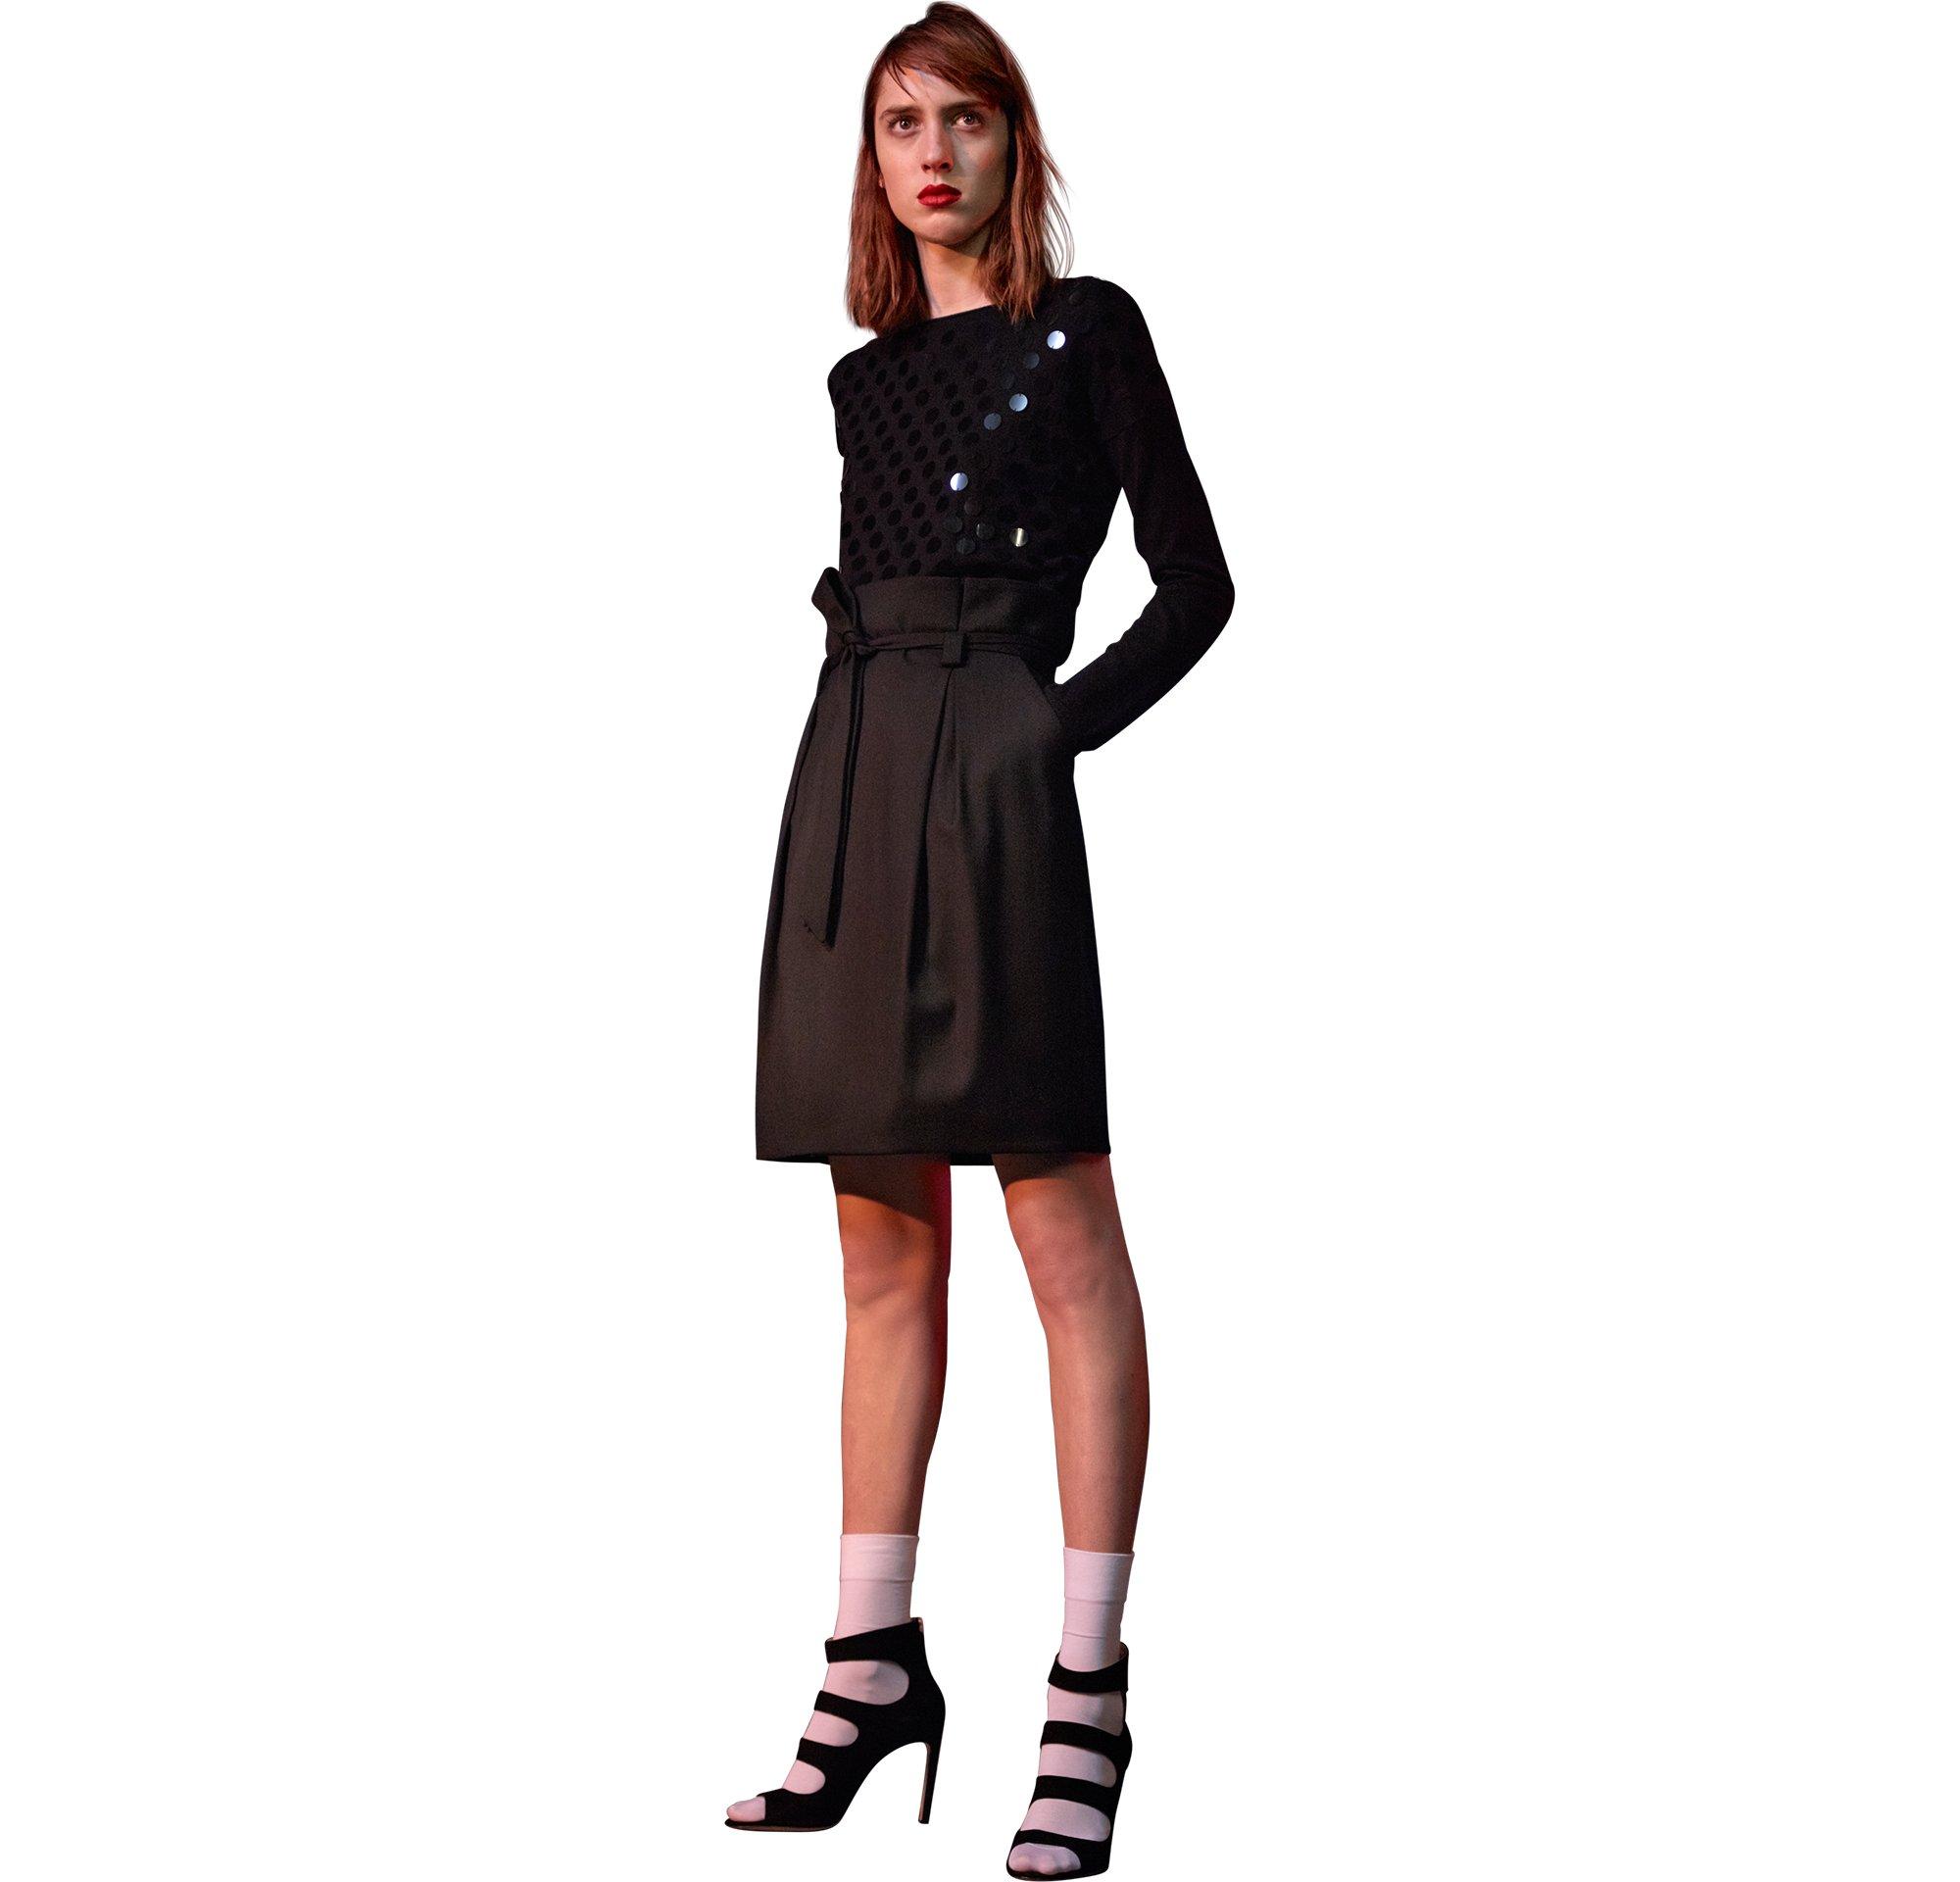 Schwarzes Strickoberteil, schwarzer Rock und schwarze Schuhe von HUGO